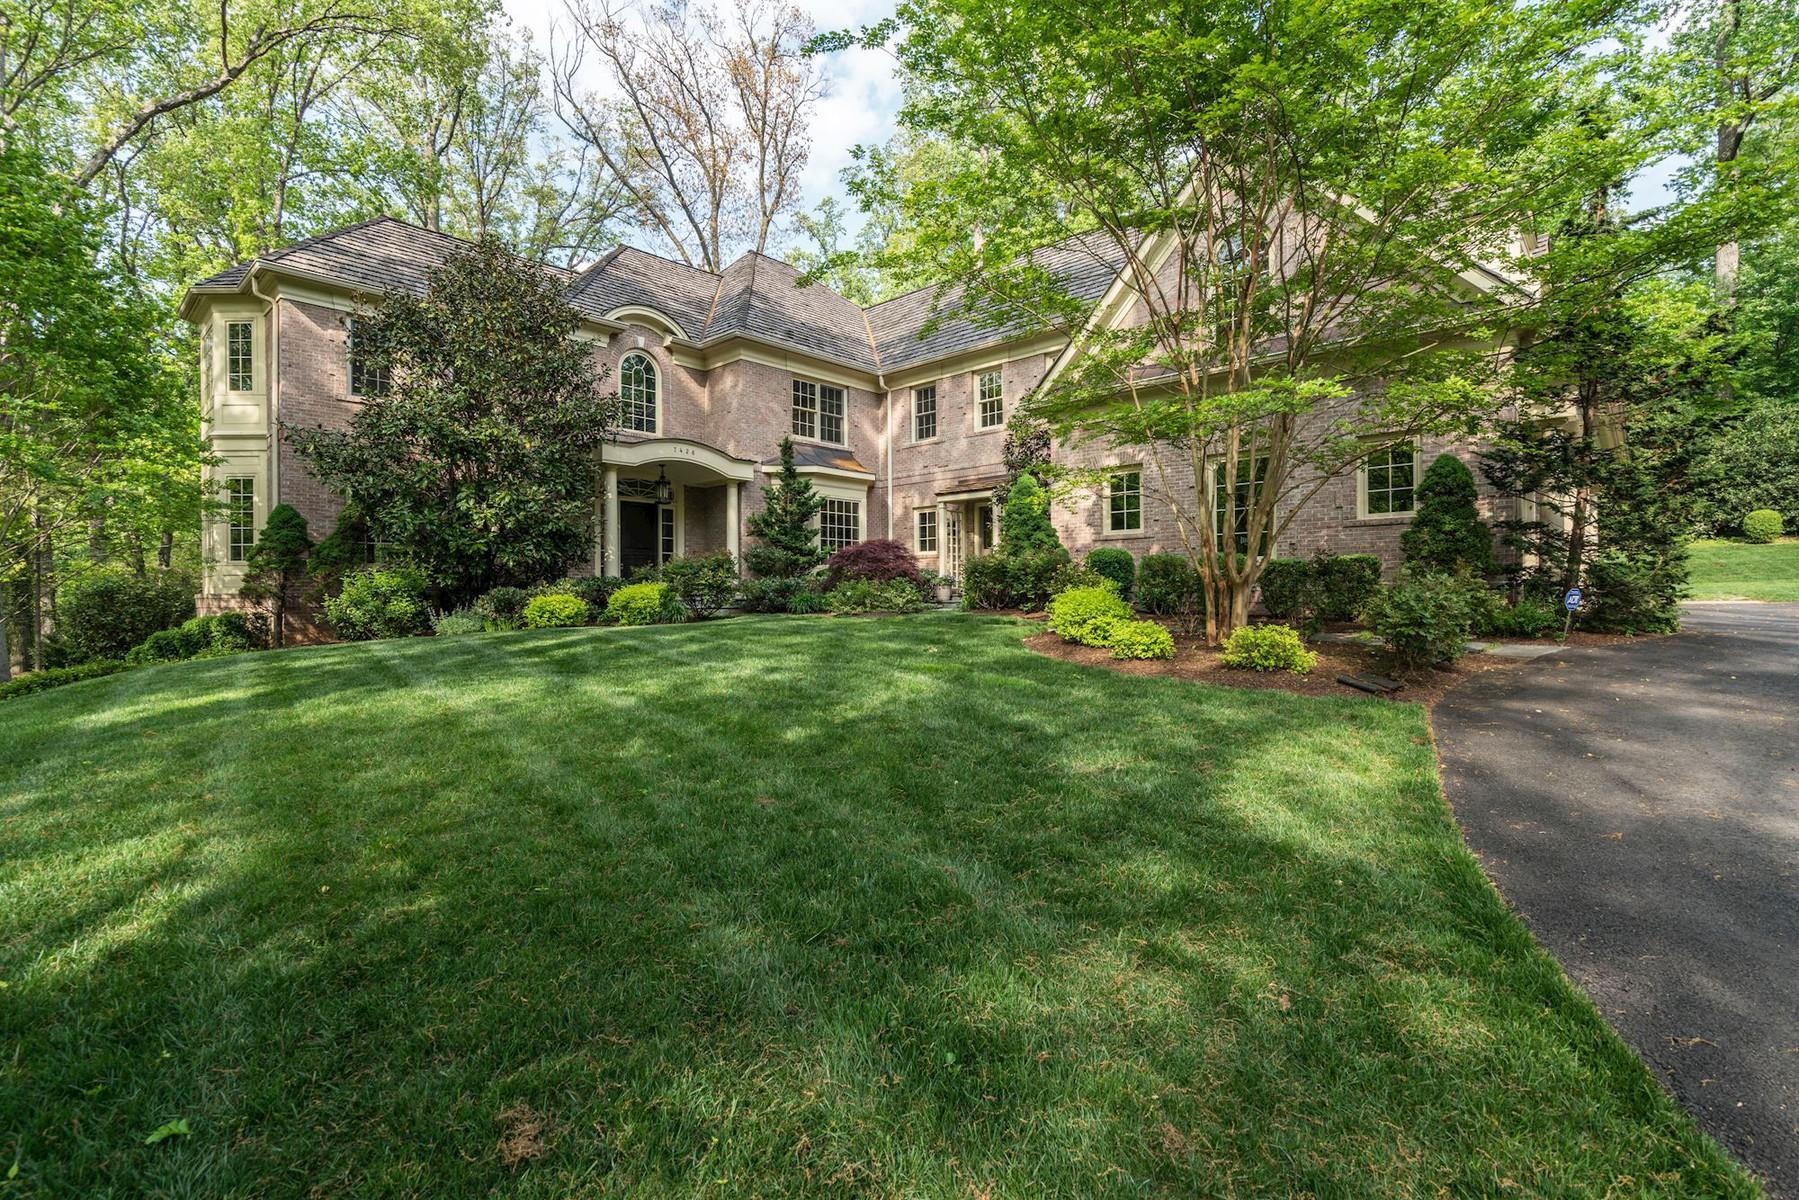 獨棟家庭住宅 為 出售 在 7426 Dulany Drive, Mclean McLean, 弗吉尼亞州, 22101 美國